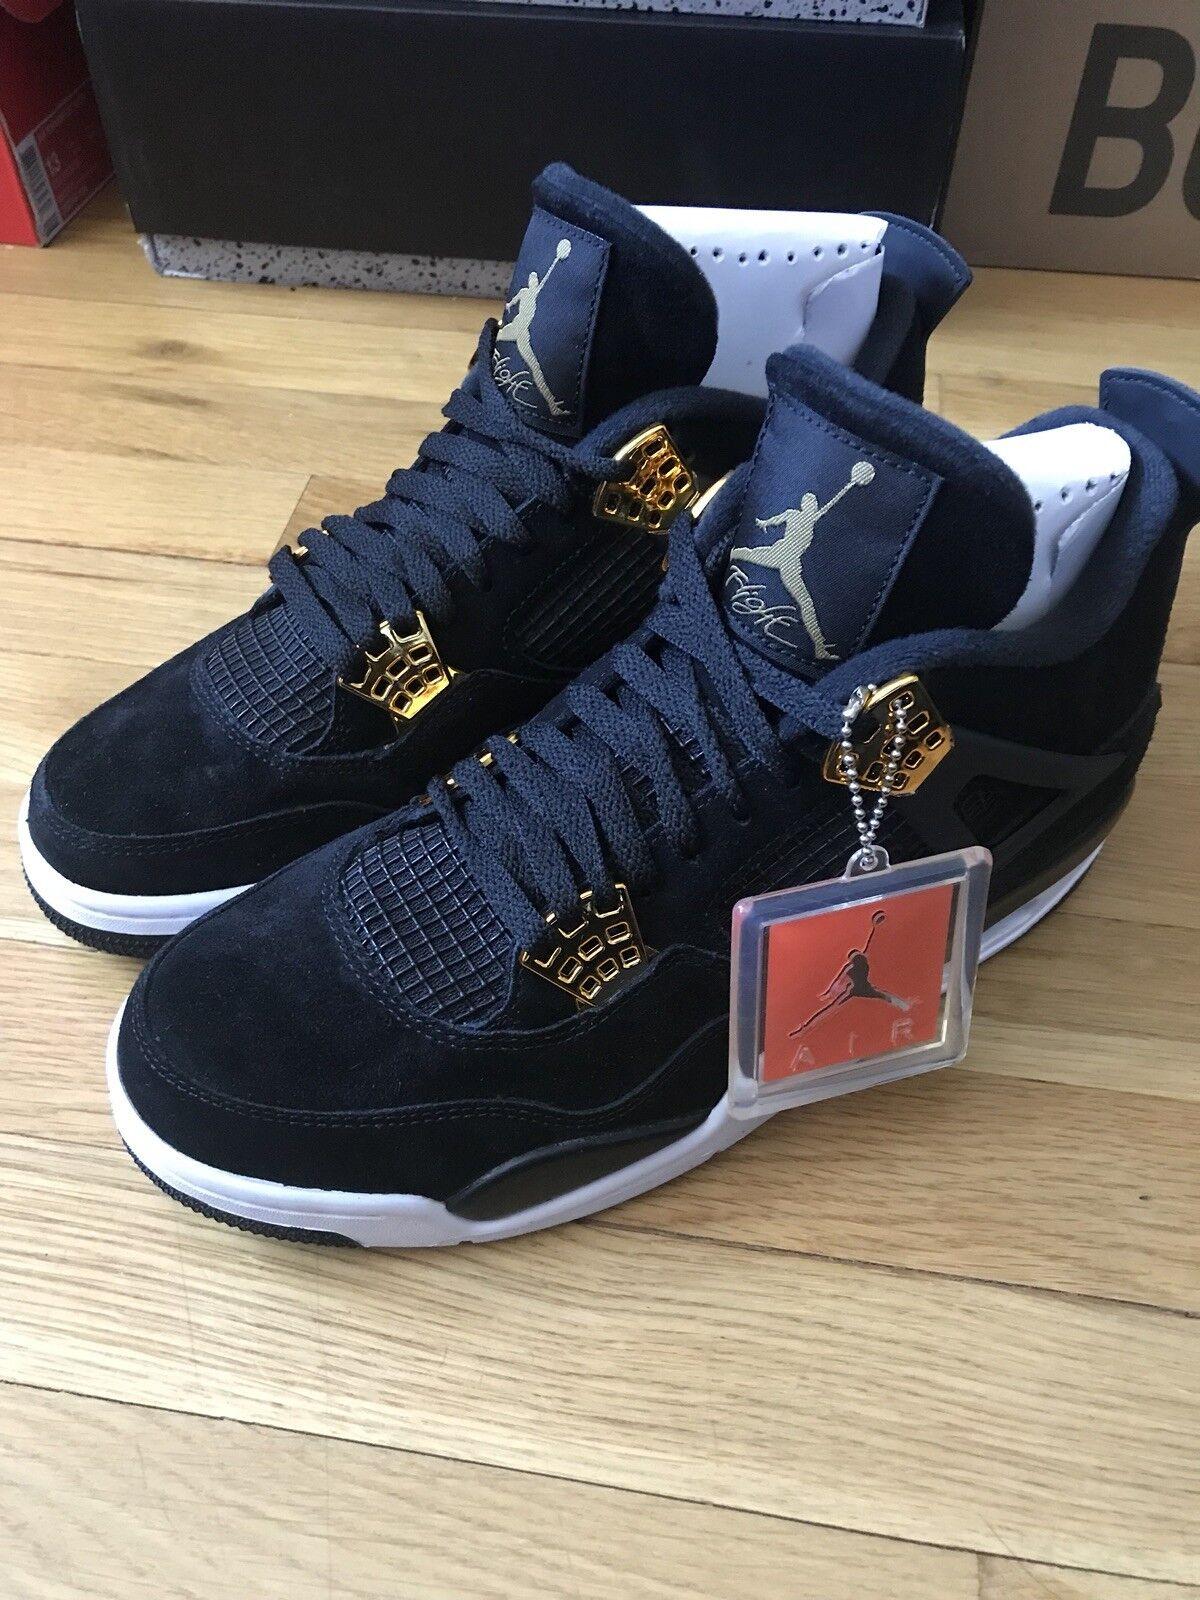 Nike Air Jordan 4 Retro Royalty IV Black Suede Metallic Gold 308497-032